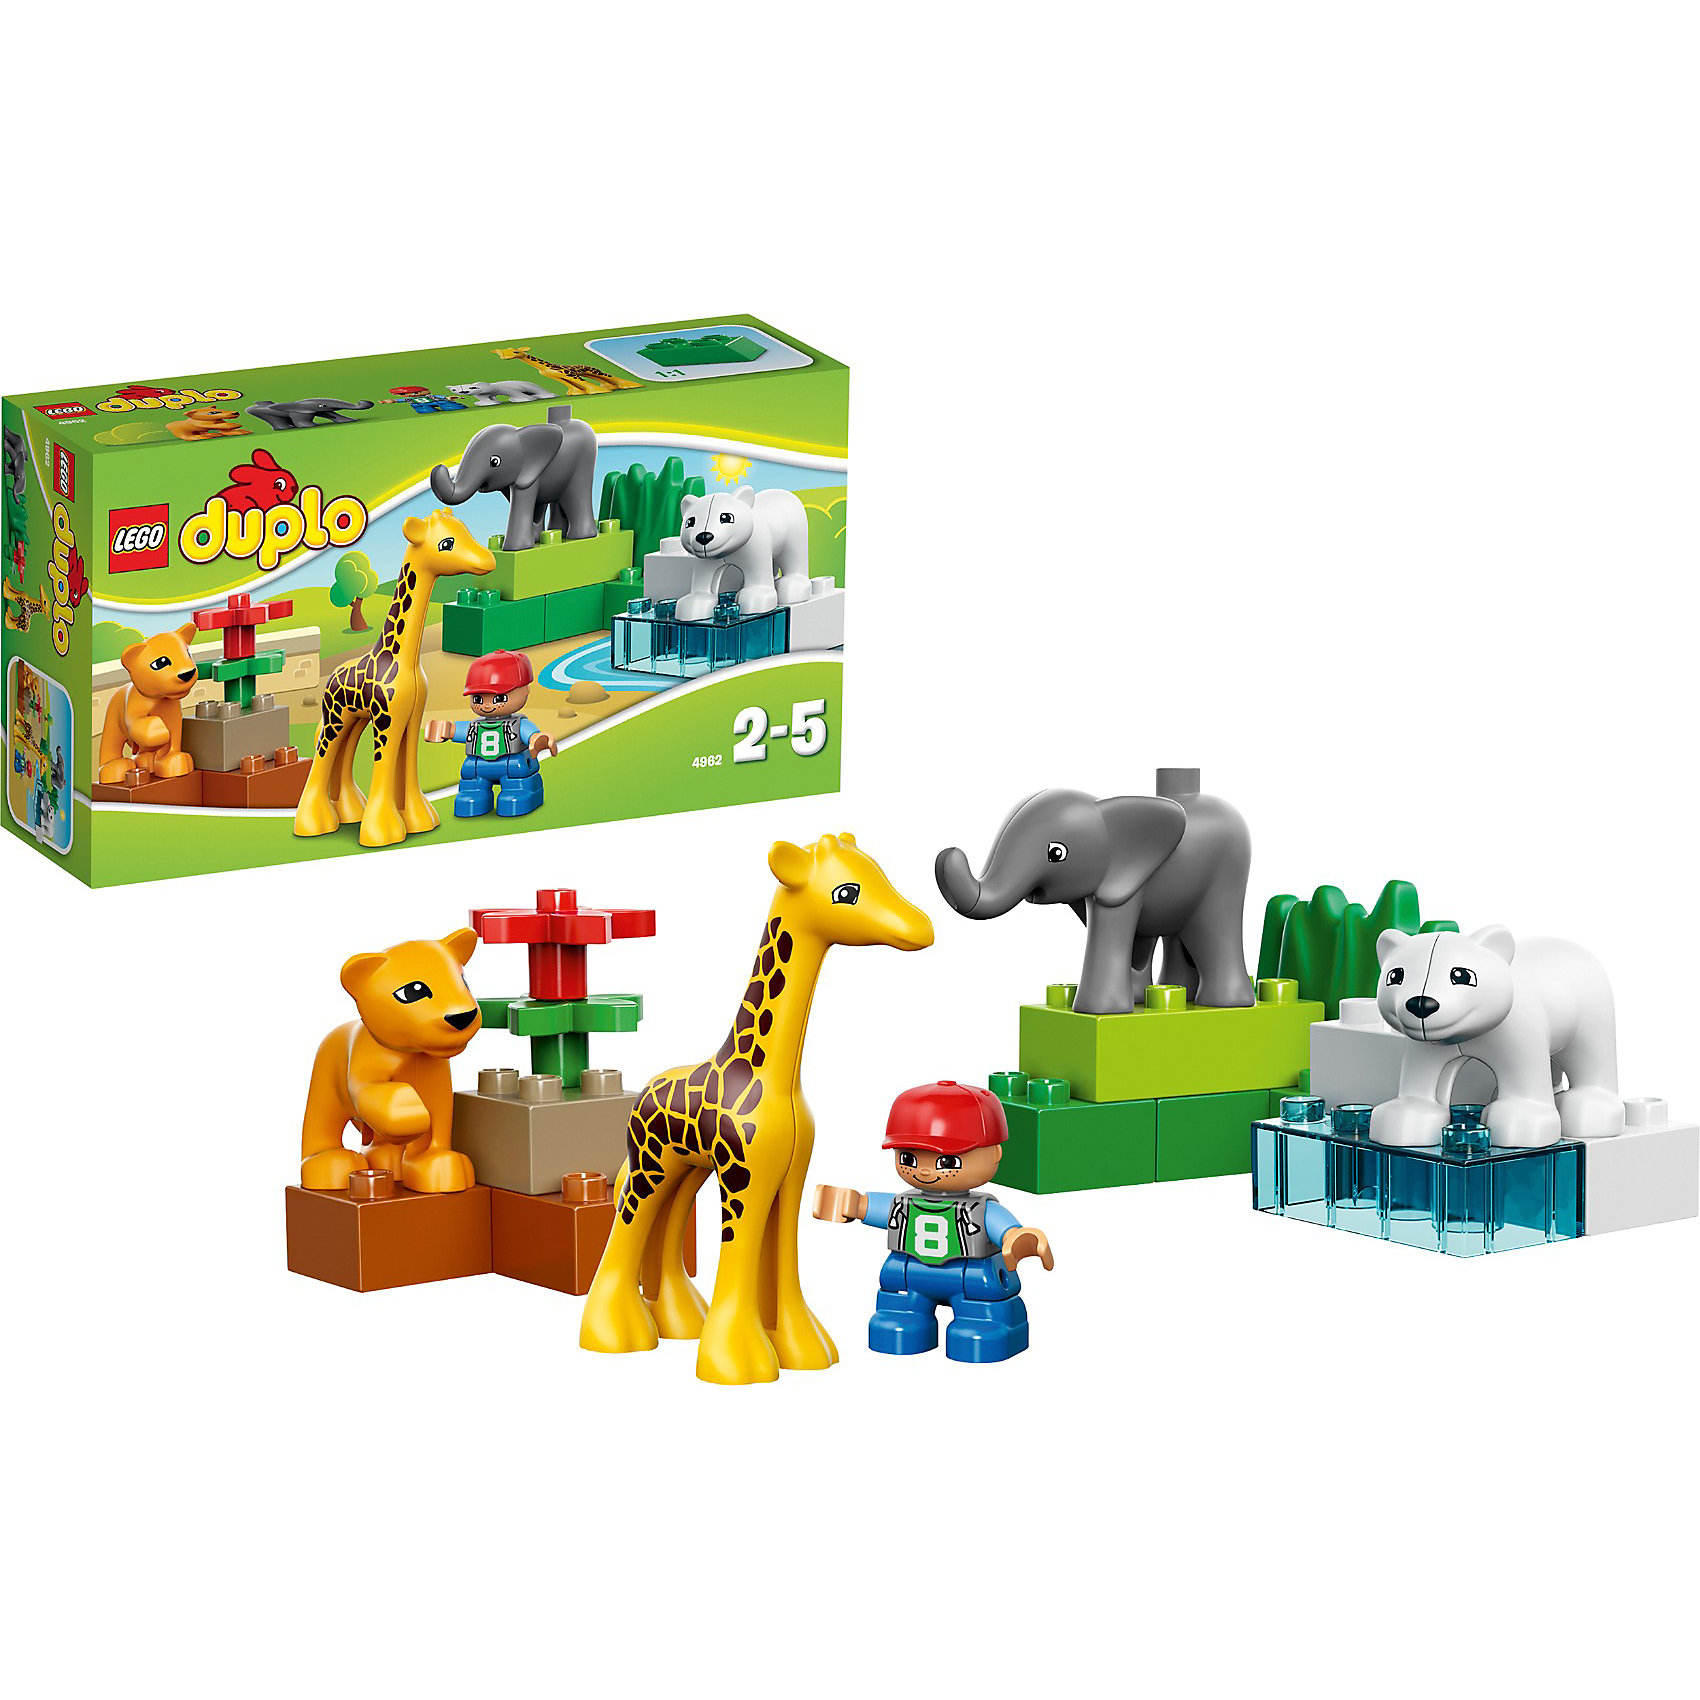 LEGO DUPLO 4962 Ville: Зоопарк для малышейЧудесный набор DUPLO Ville Зоопарк для малышей (LEGO № 4962) на тему Зоопарк с множеством новых фигурок детенышей животных для ухода и игр.     <br><br>Маленьким зверятам нужно много заботы и внимания. Смотрительница каждый день тщательно ухаживает за маленькими жирафами, полярными медвежатами и львятами.     <br>      <br>Особенности:    <br>      <br>- 4 фигурки детенышей животных  <br>- 1 фигурка смотрителя зоопарка<br>          <br>Дополнительная информация:<br>      <br>- LEGO-артикул № 4962<br>- Возраст:  от 2 до 5 лет<br>- Количество деталей LEGO: 18<br>    <br>LEGO DUPLO 4962 Ville: Зоопарк для малышей можно купить в нашем магазине.<br><br>Ширина мм: 266<br>Глубина мм: 144<br>Высота мм: 76<br>Вес г: 285<br>Возраст от месяцев: 24<br>Возраст до месяцев: 60<br>Пол: Женский<br>Возраст: Детский<br>SKU: 1492738